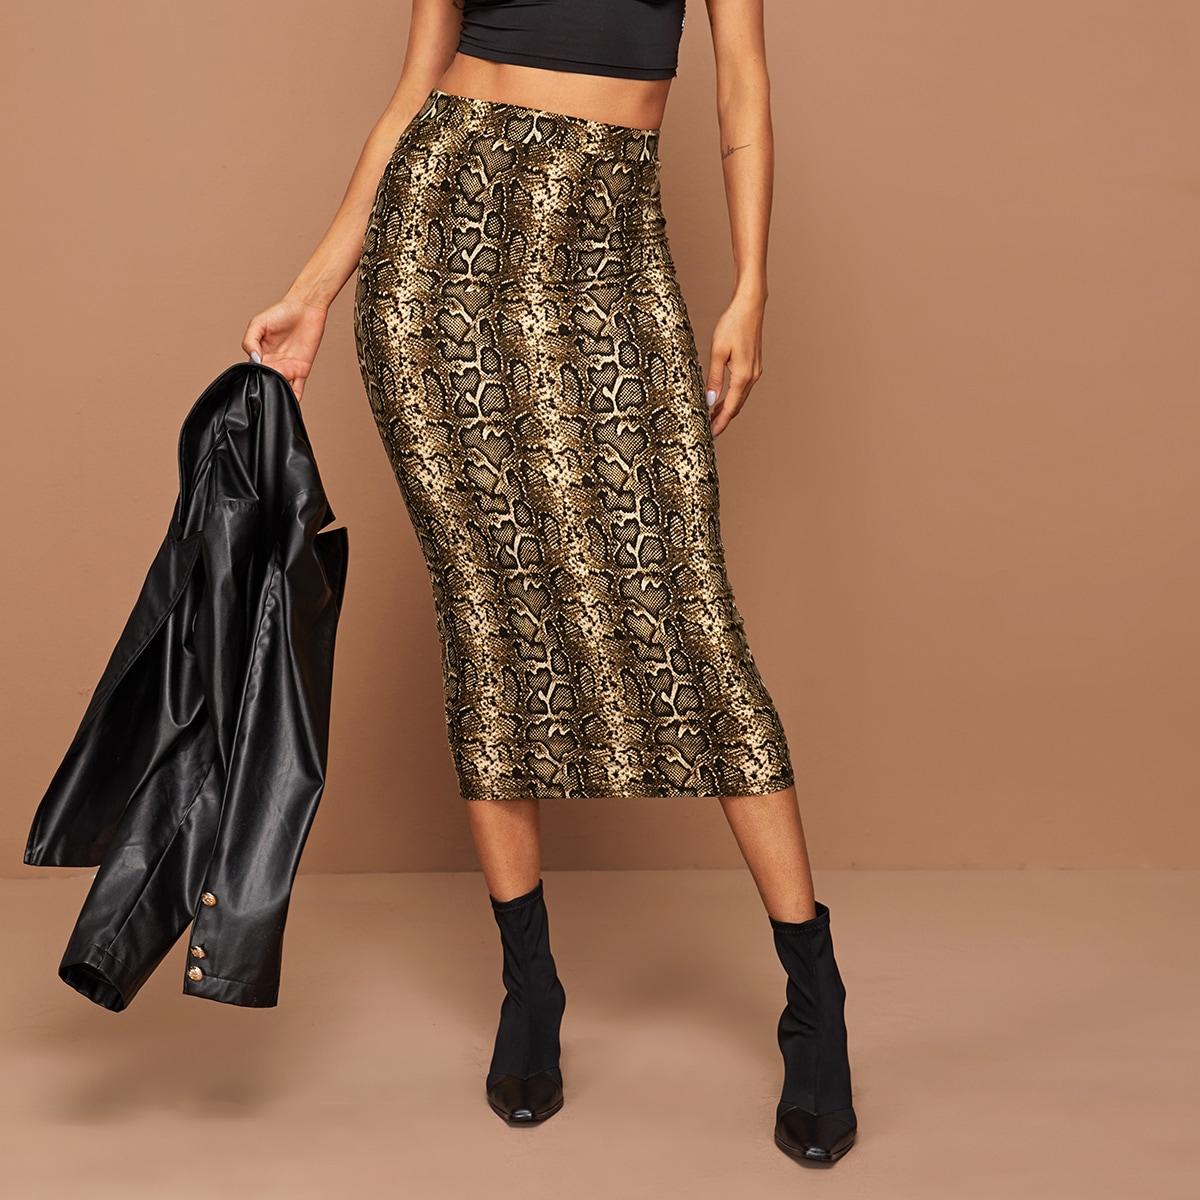 SHEIN / Falda lápiz con estampado de piel de serpiente